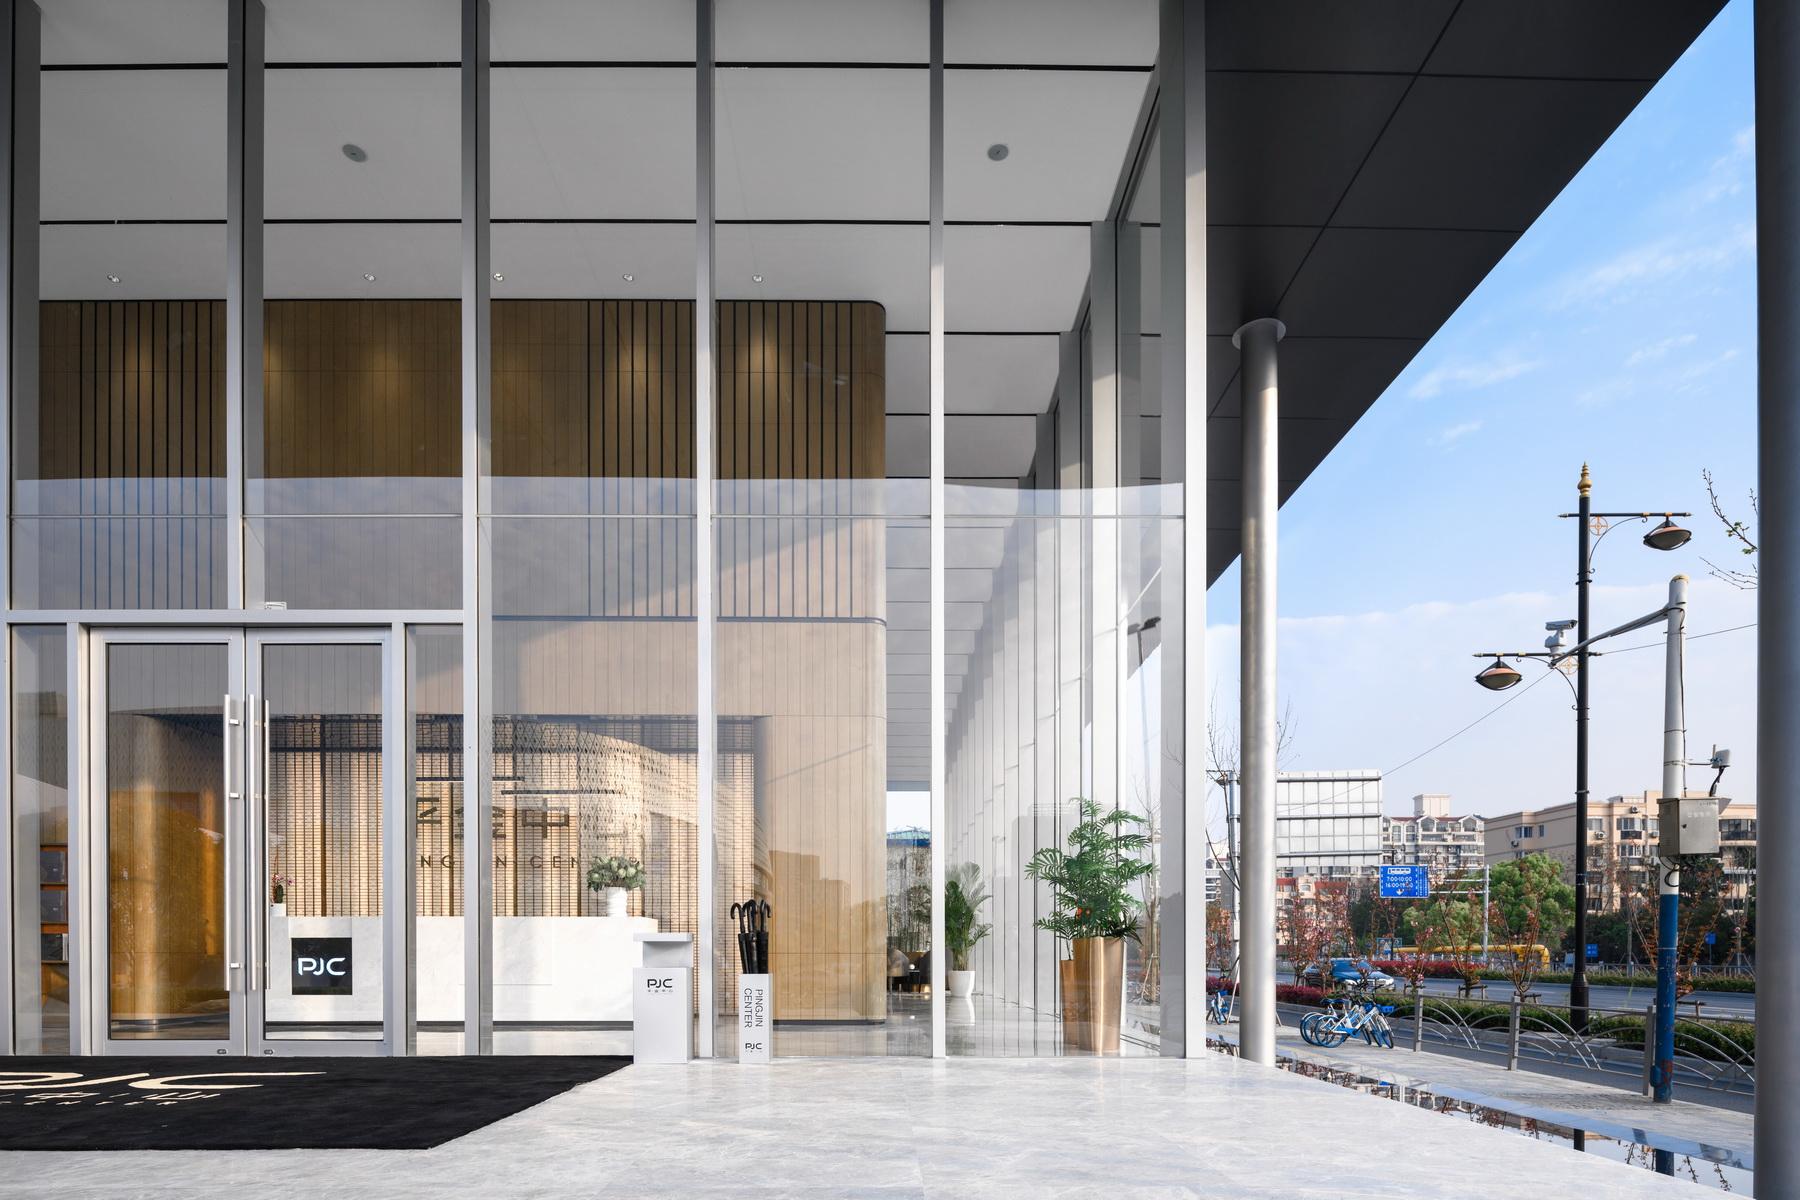 上海平金中心展示中心建筑设计 / 骏地设计